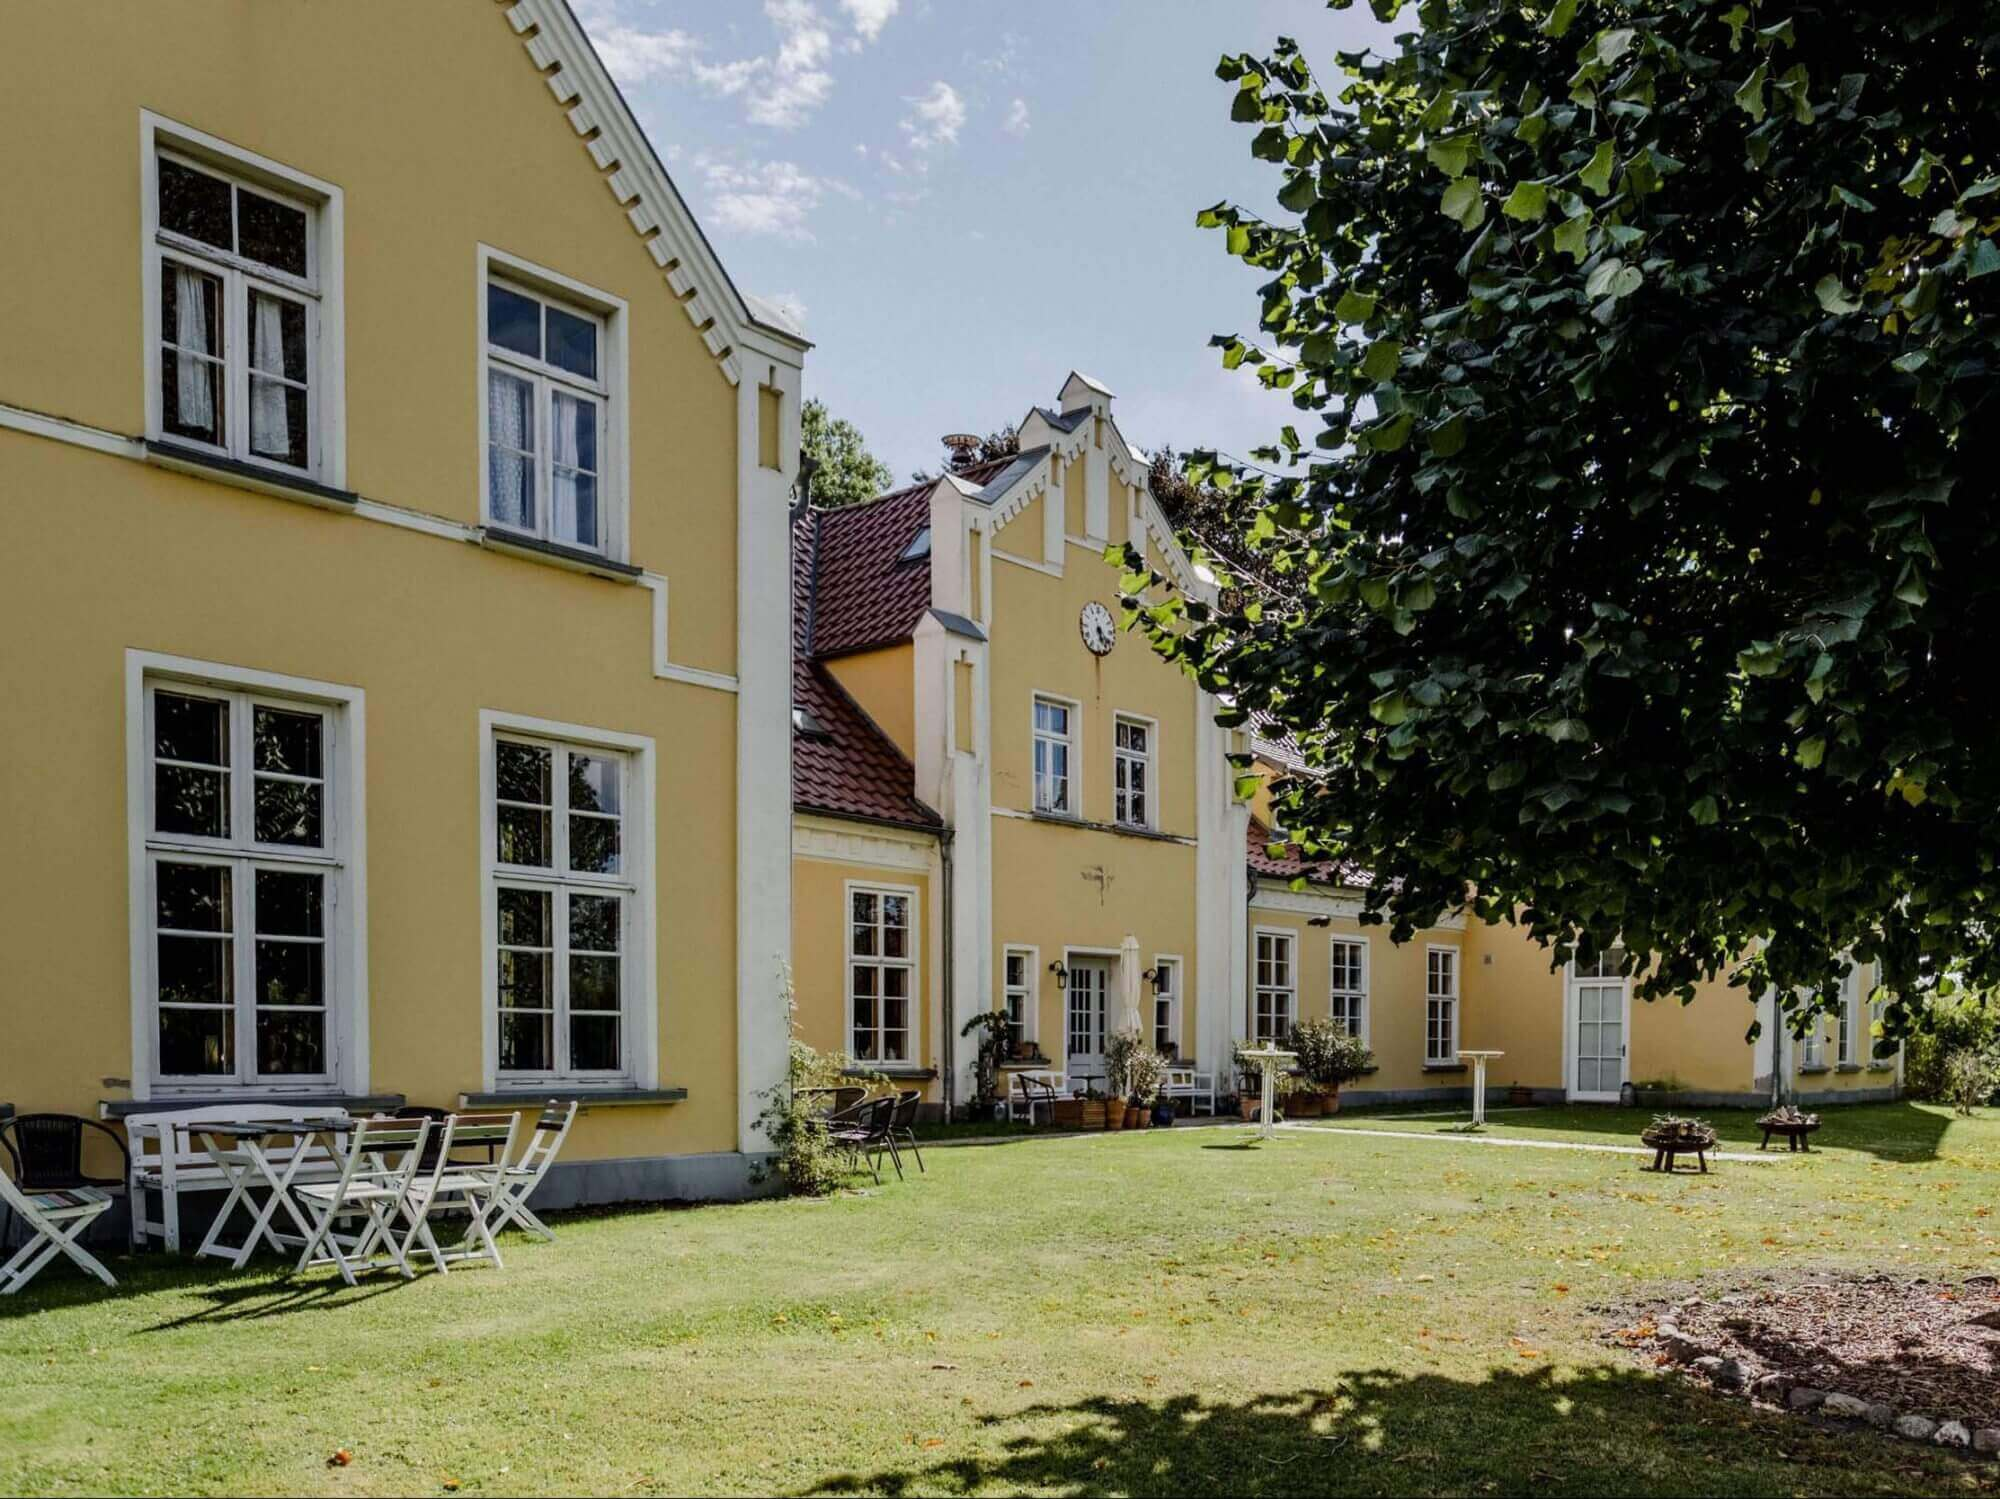 Frontansicht - Gutshaus Ehmkendorf in Mecklenburg Vorpommern